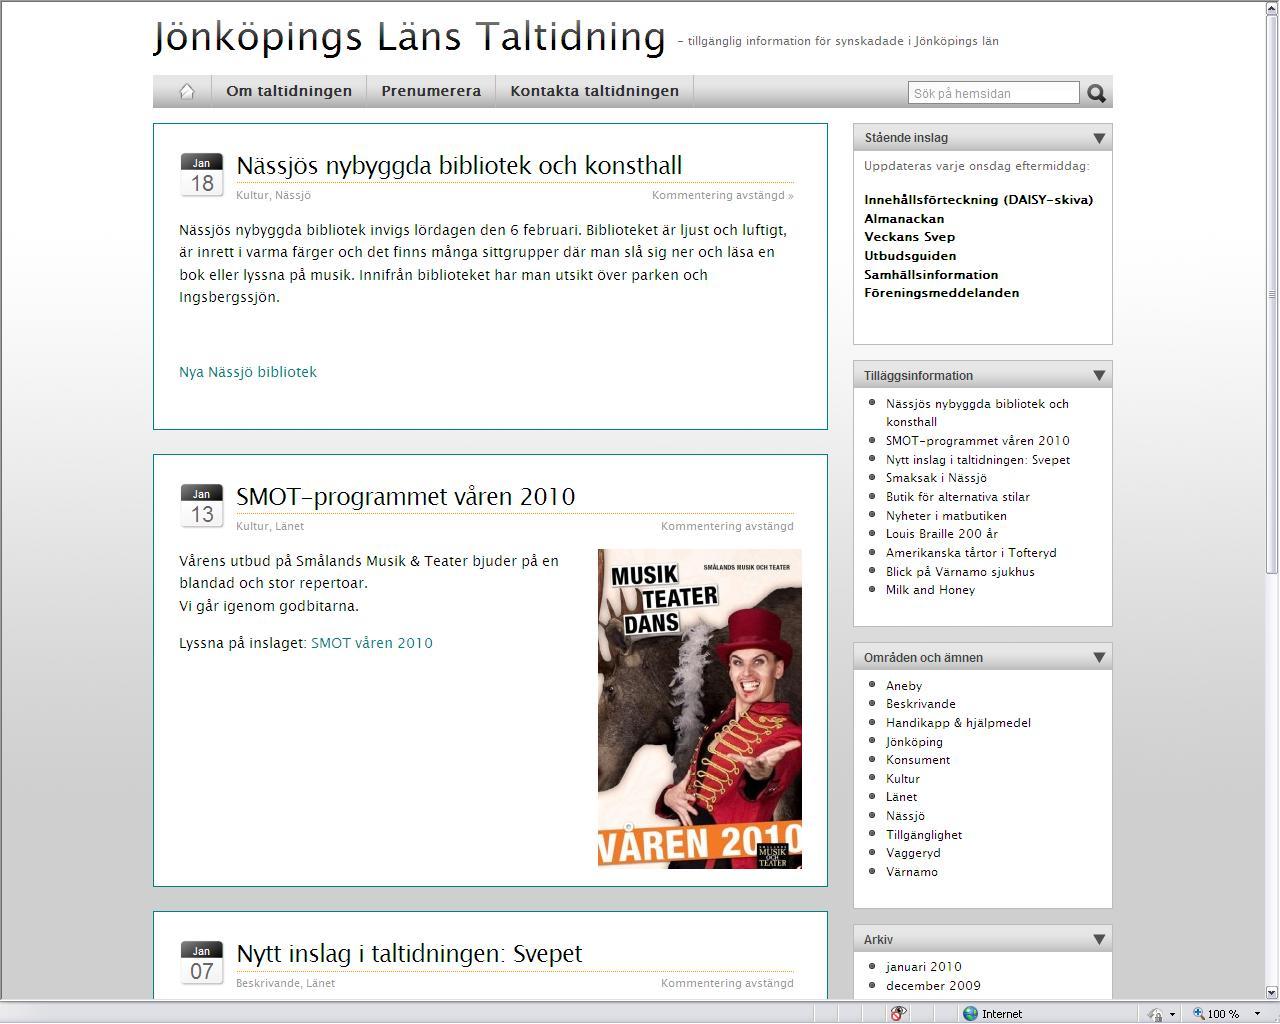 Bild: Jönköpings Läns Taltidning